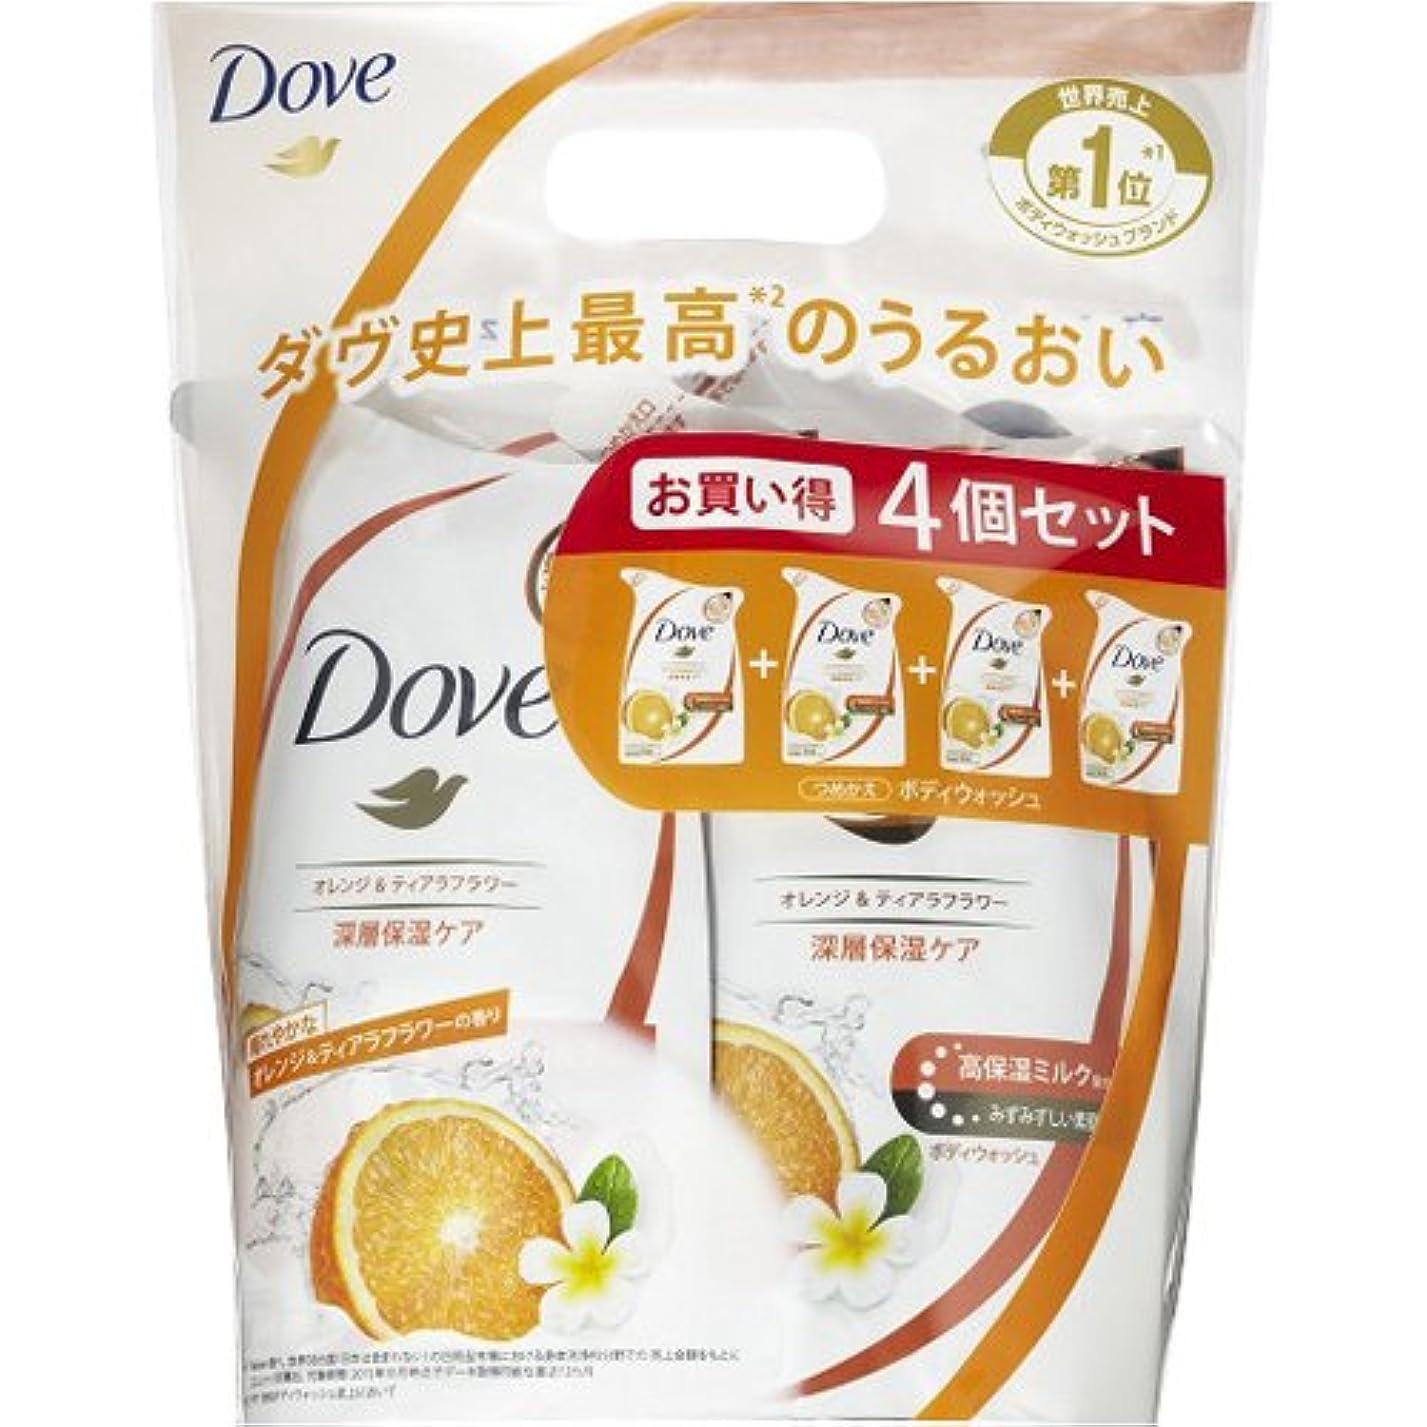 一元化するエラー是正Dove ダヴ ボディウォッシュ オレンジ & ティアラフラワー つめかえ用 360g×4個セット